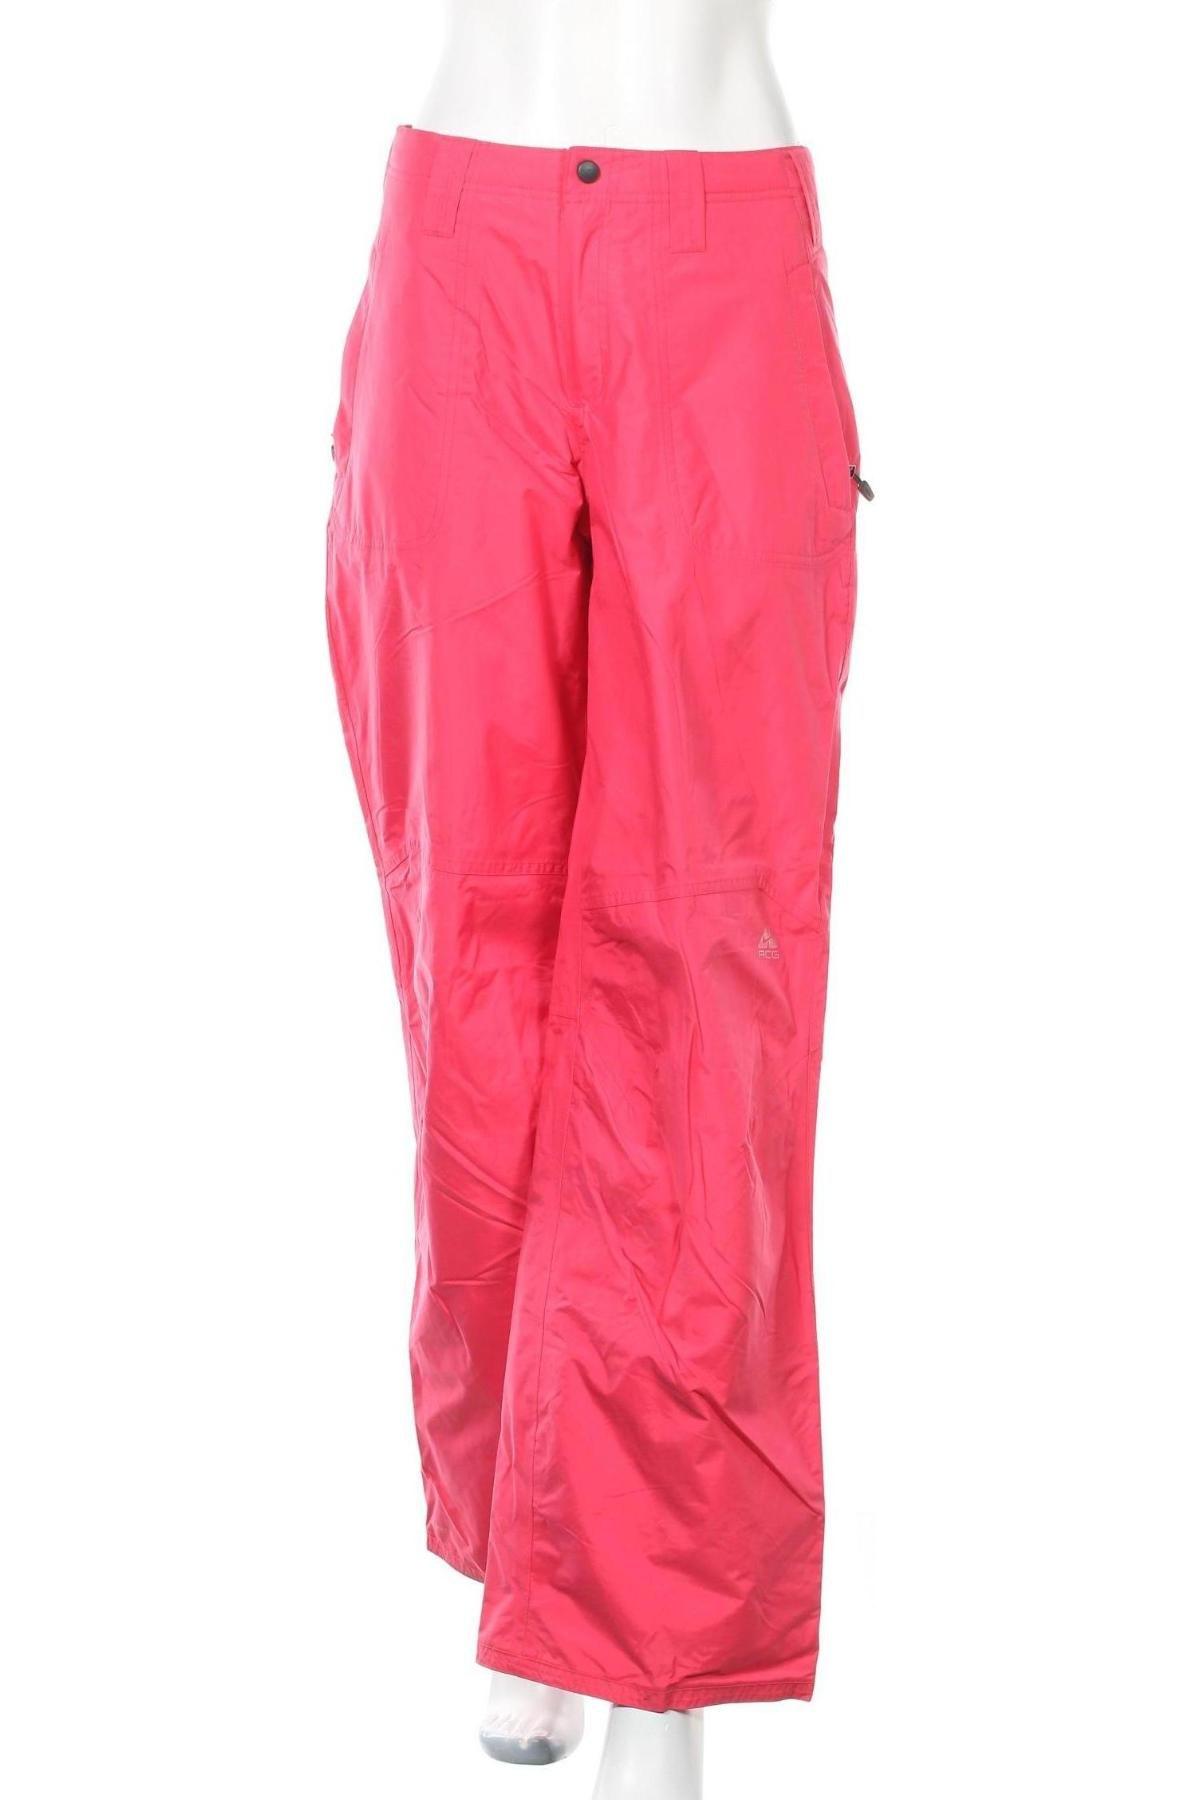 Дамски панталон за зимни спортове Nike Acg, Размер M, Цвят Розов, Полиамид, Цена 189,00лв.